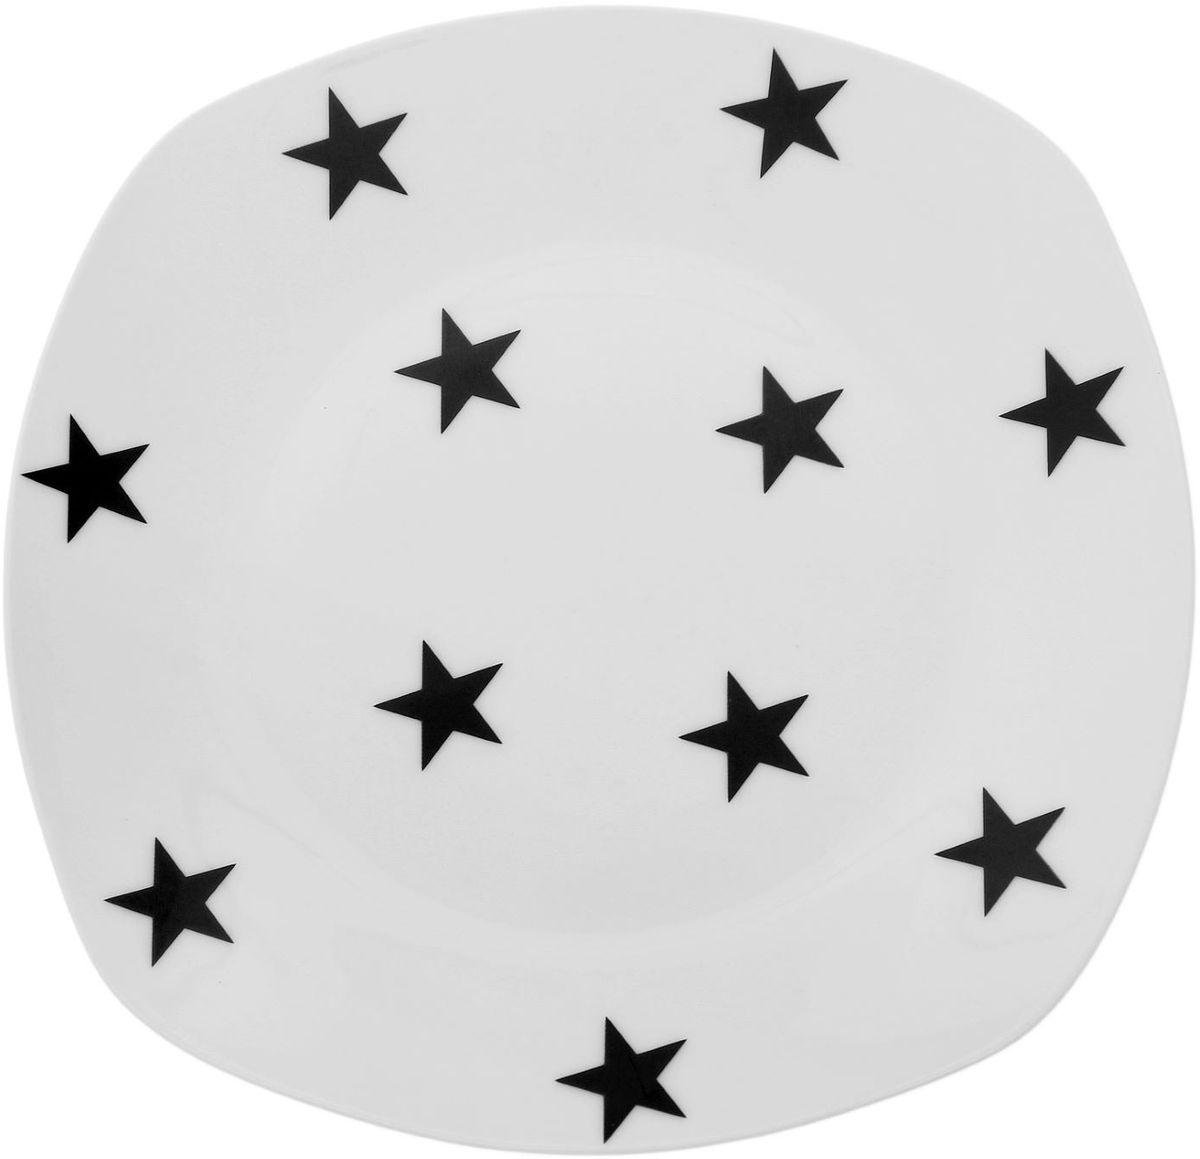 Тарелка Сотвори чудо My Little Star, 20 х 20 см1661843Хотите обновить интерьер кухни или гостиной? Устраиваете необычную фотосессию или тематический праздник? А может, просто ищете подарок для близкого человека? Посуда Сотвори Чудо — правильный выбор в любой ситуации. Тарелка Сотвори Чудо, изготовленная из изящного фаянса нежного сливочного цвета, оформлена оригинальным рисунком со стойкой краской. Пригодна для посудомоечной машины.